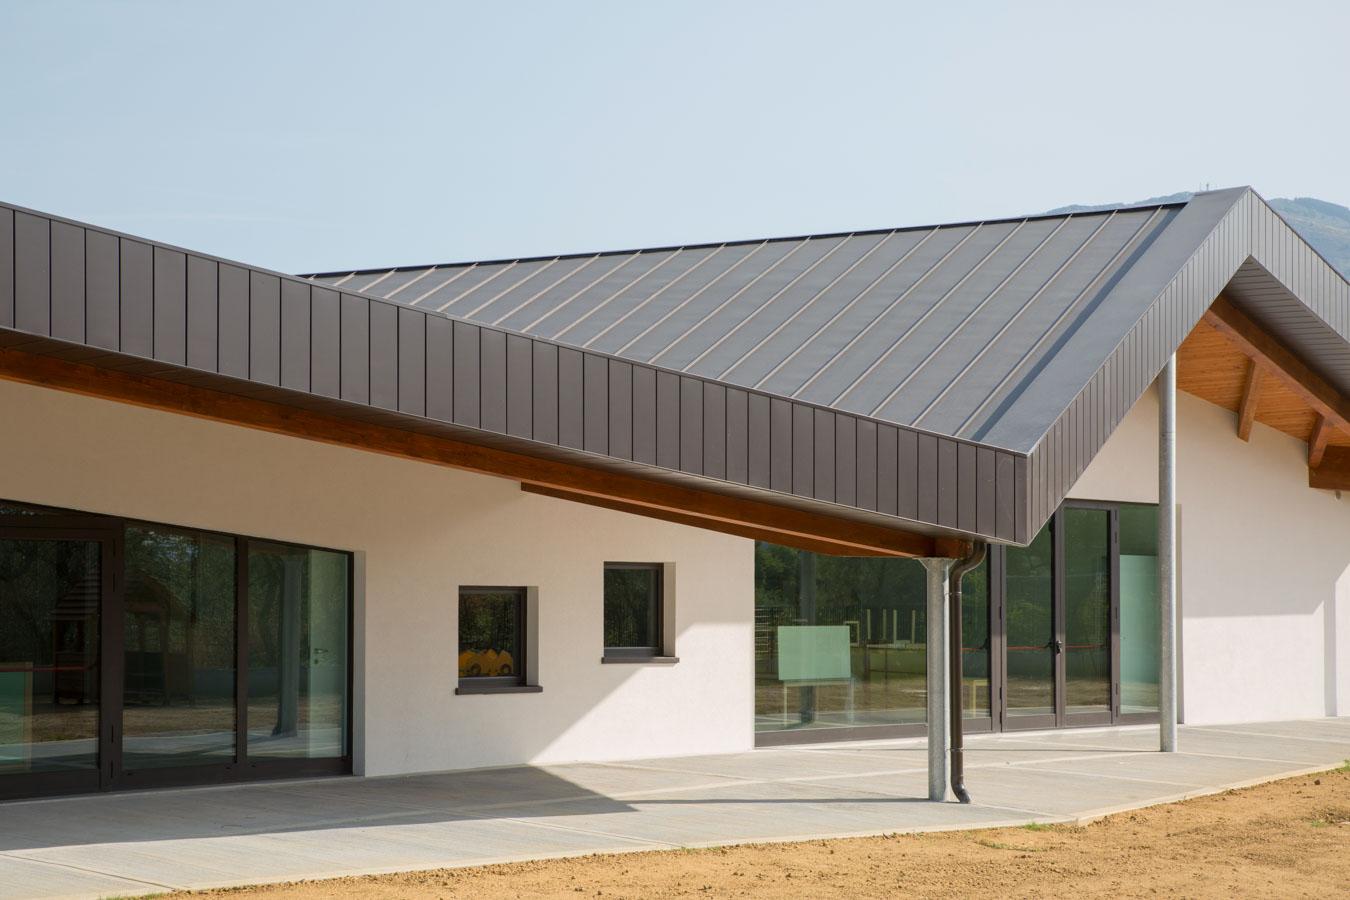 Scuola in x lam news for Blog architettura